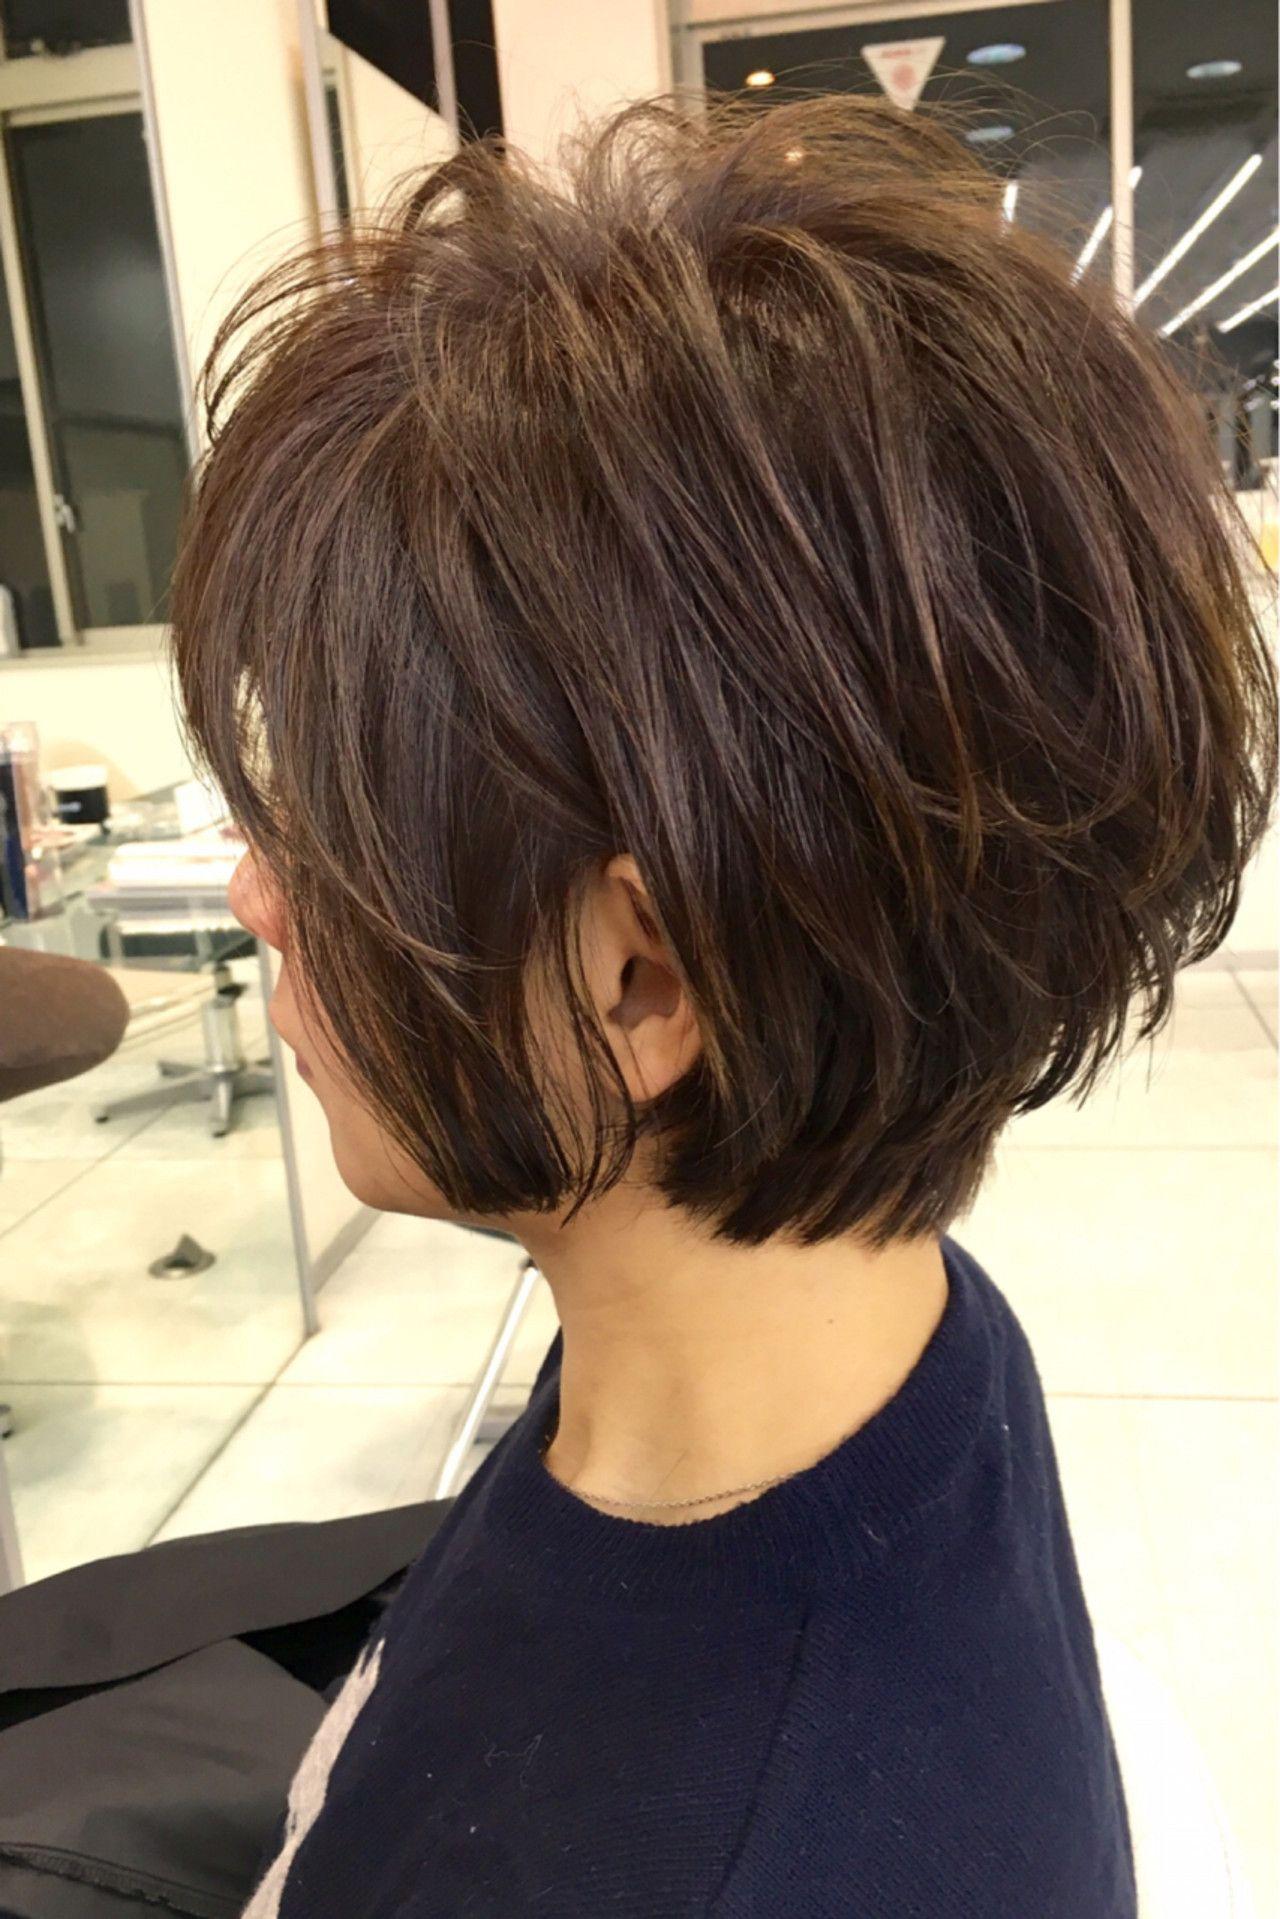 ã'†ã'‹ãµã'â˜†ä¸€ç› 惚ã'Œãƒœãƒ–』 cute hair Pinterest